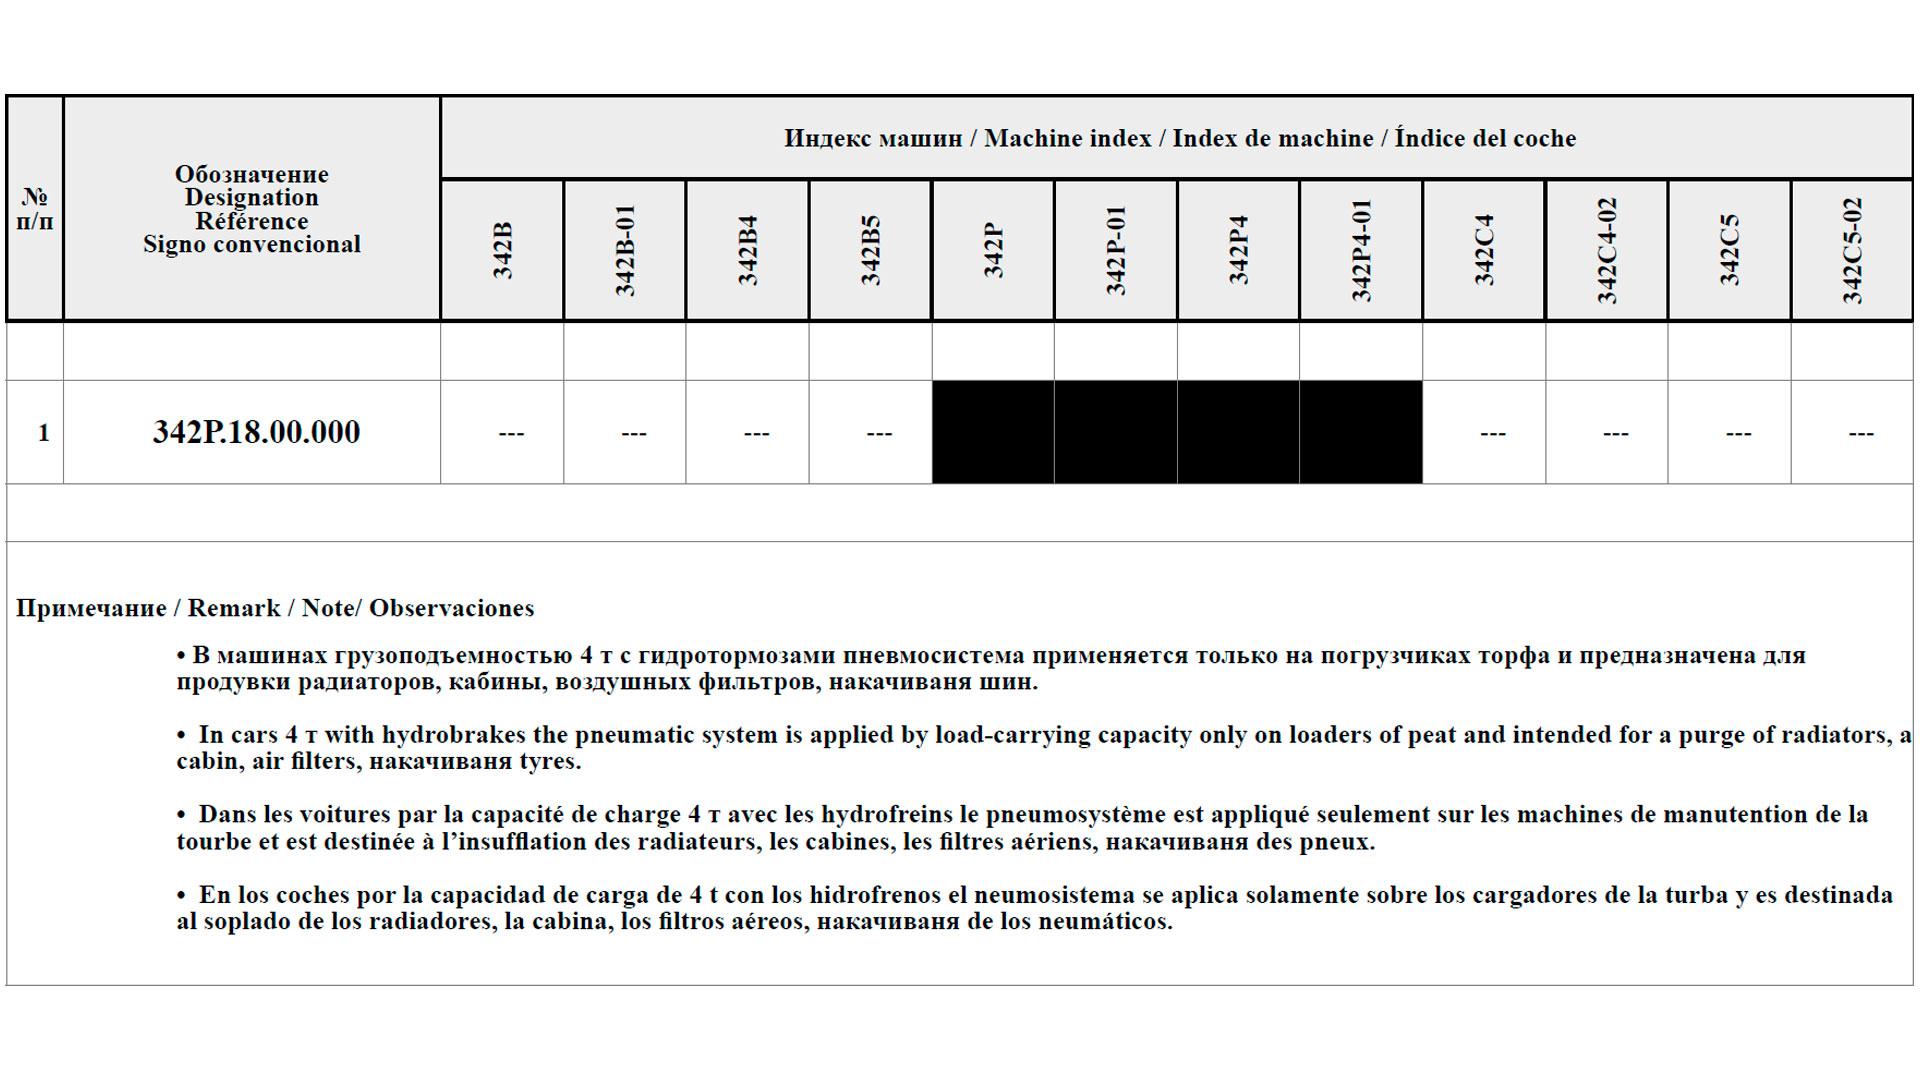 Сводная таблица применяемости пневмосистемы для машин грузоподъемностью 4 т с гидротормозами